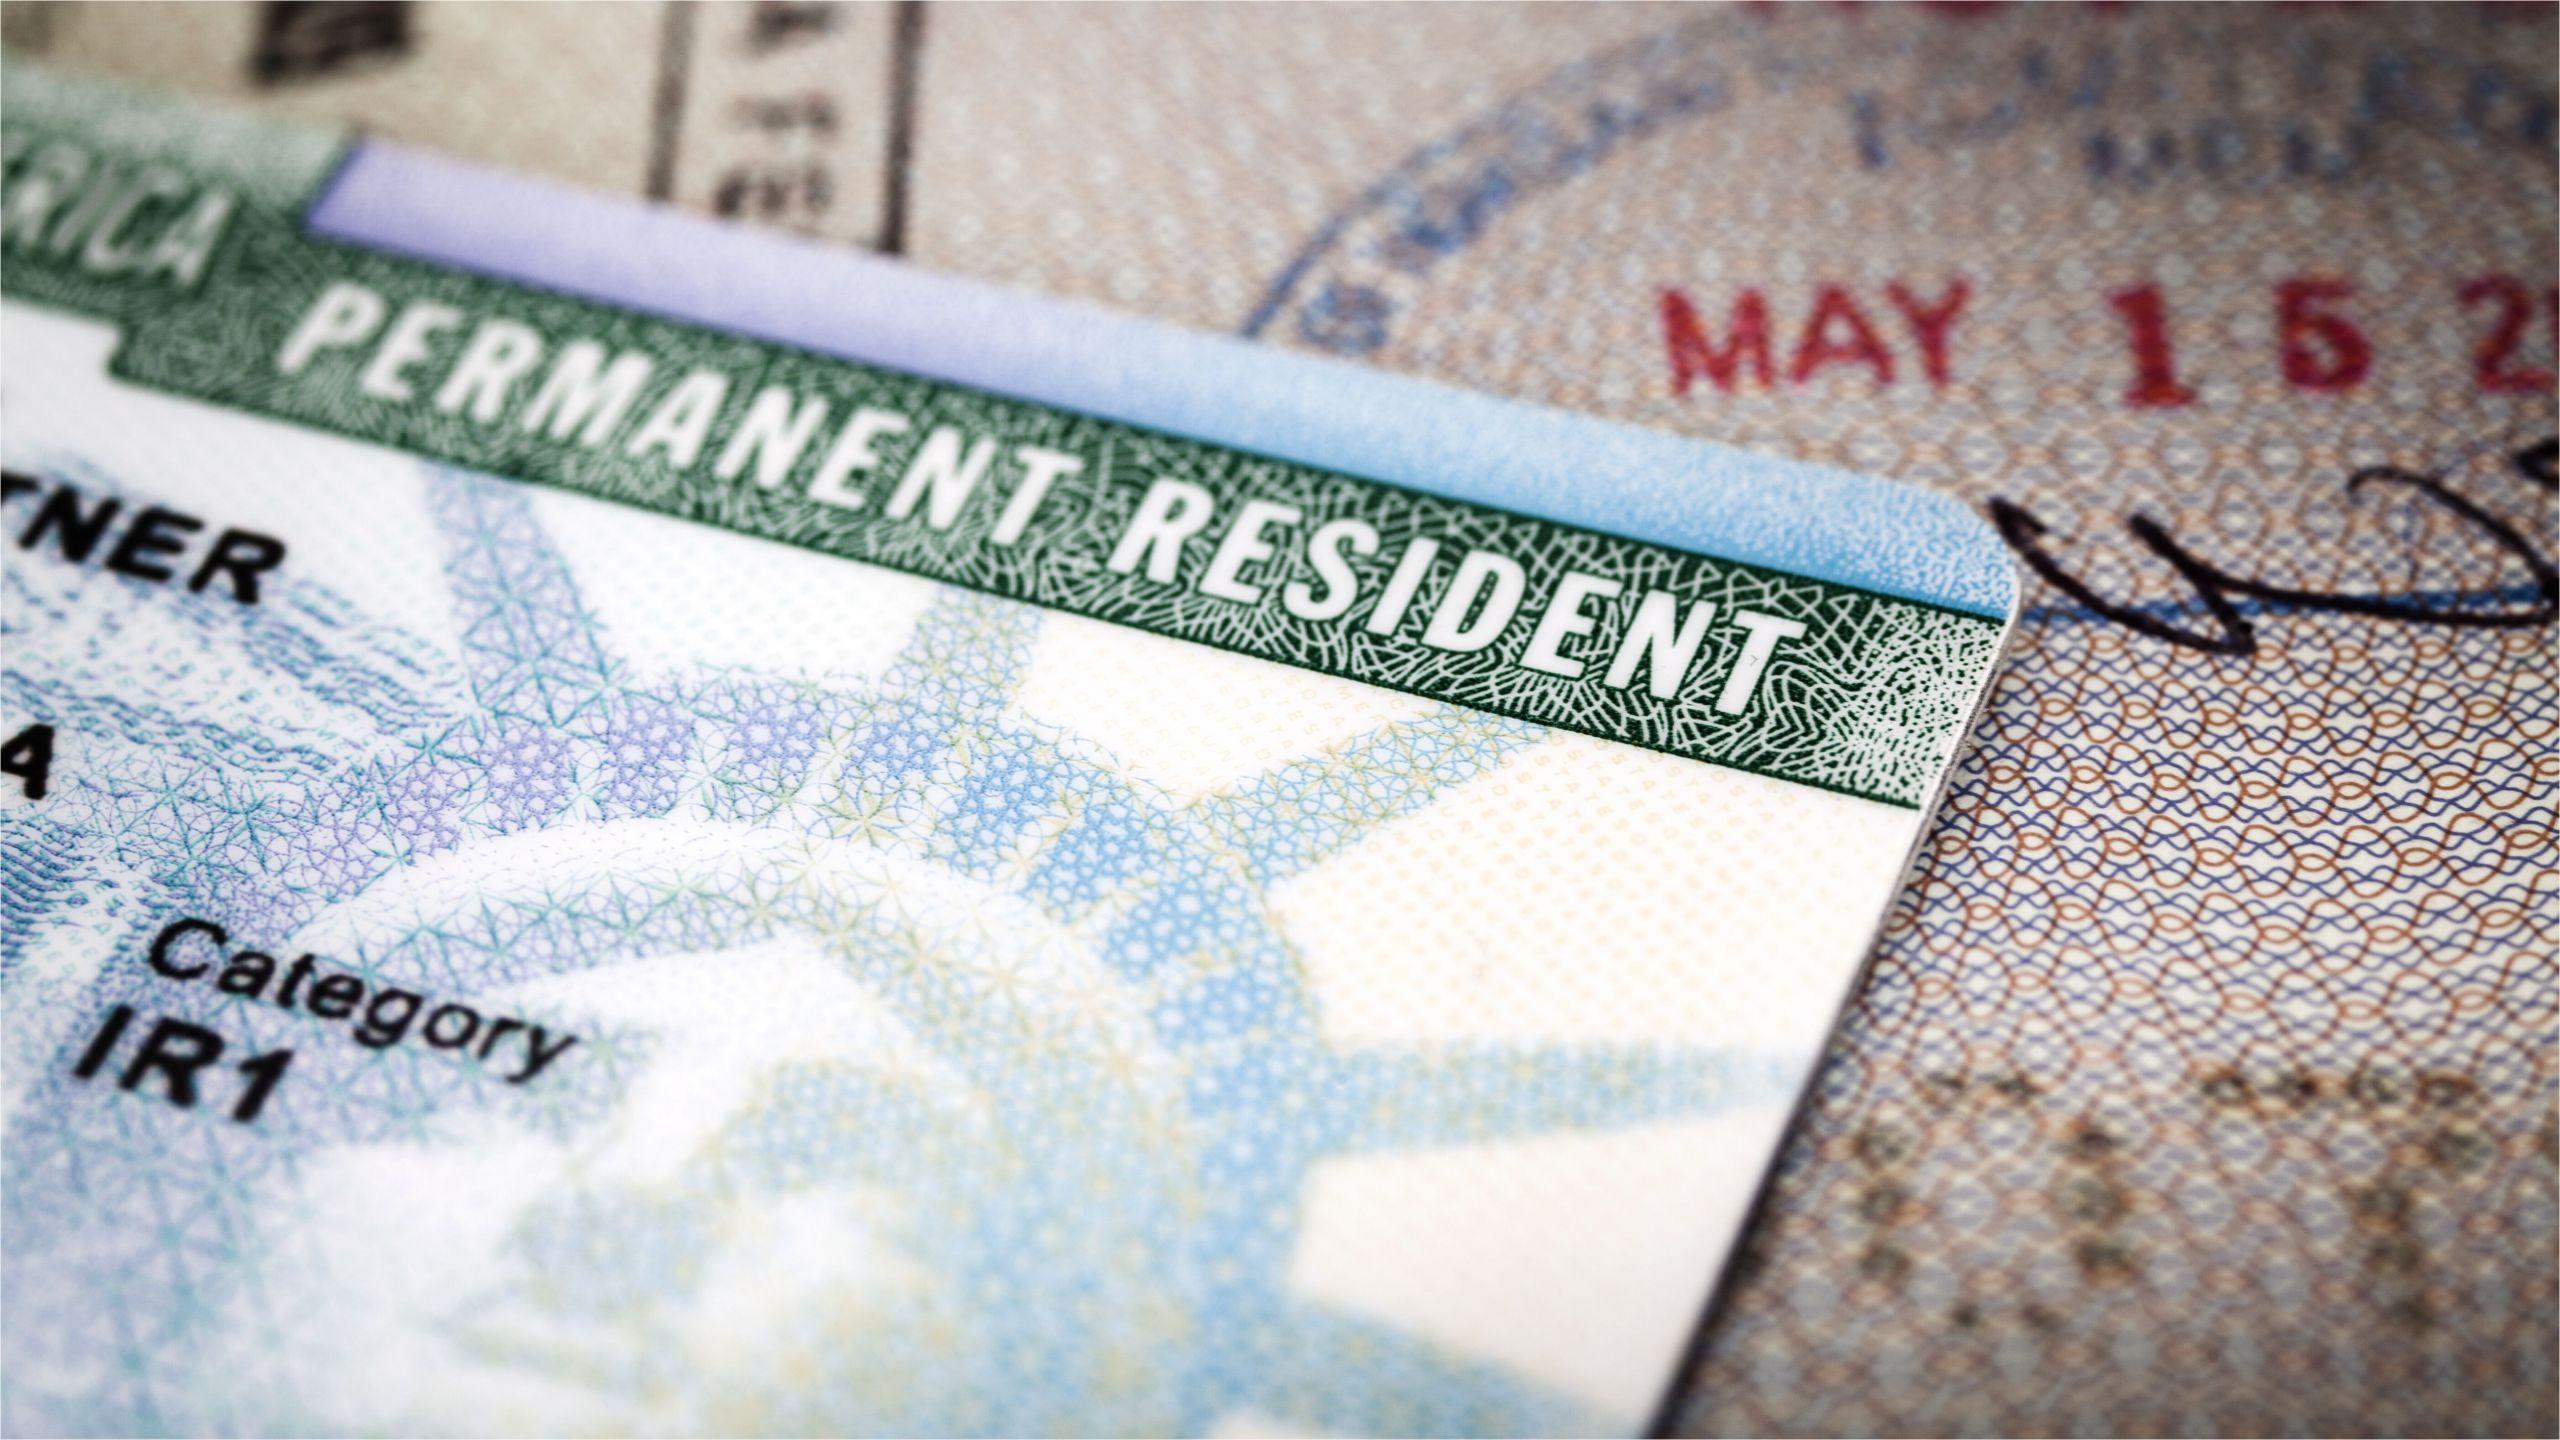 a green card lying on an open passport close up full frame 187591458 5aa6c5caa9d4f900369f3d3d jpg